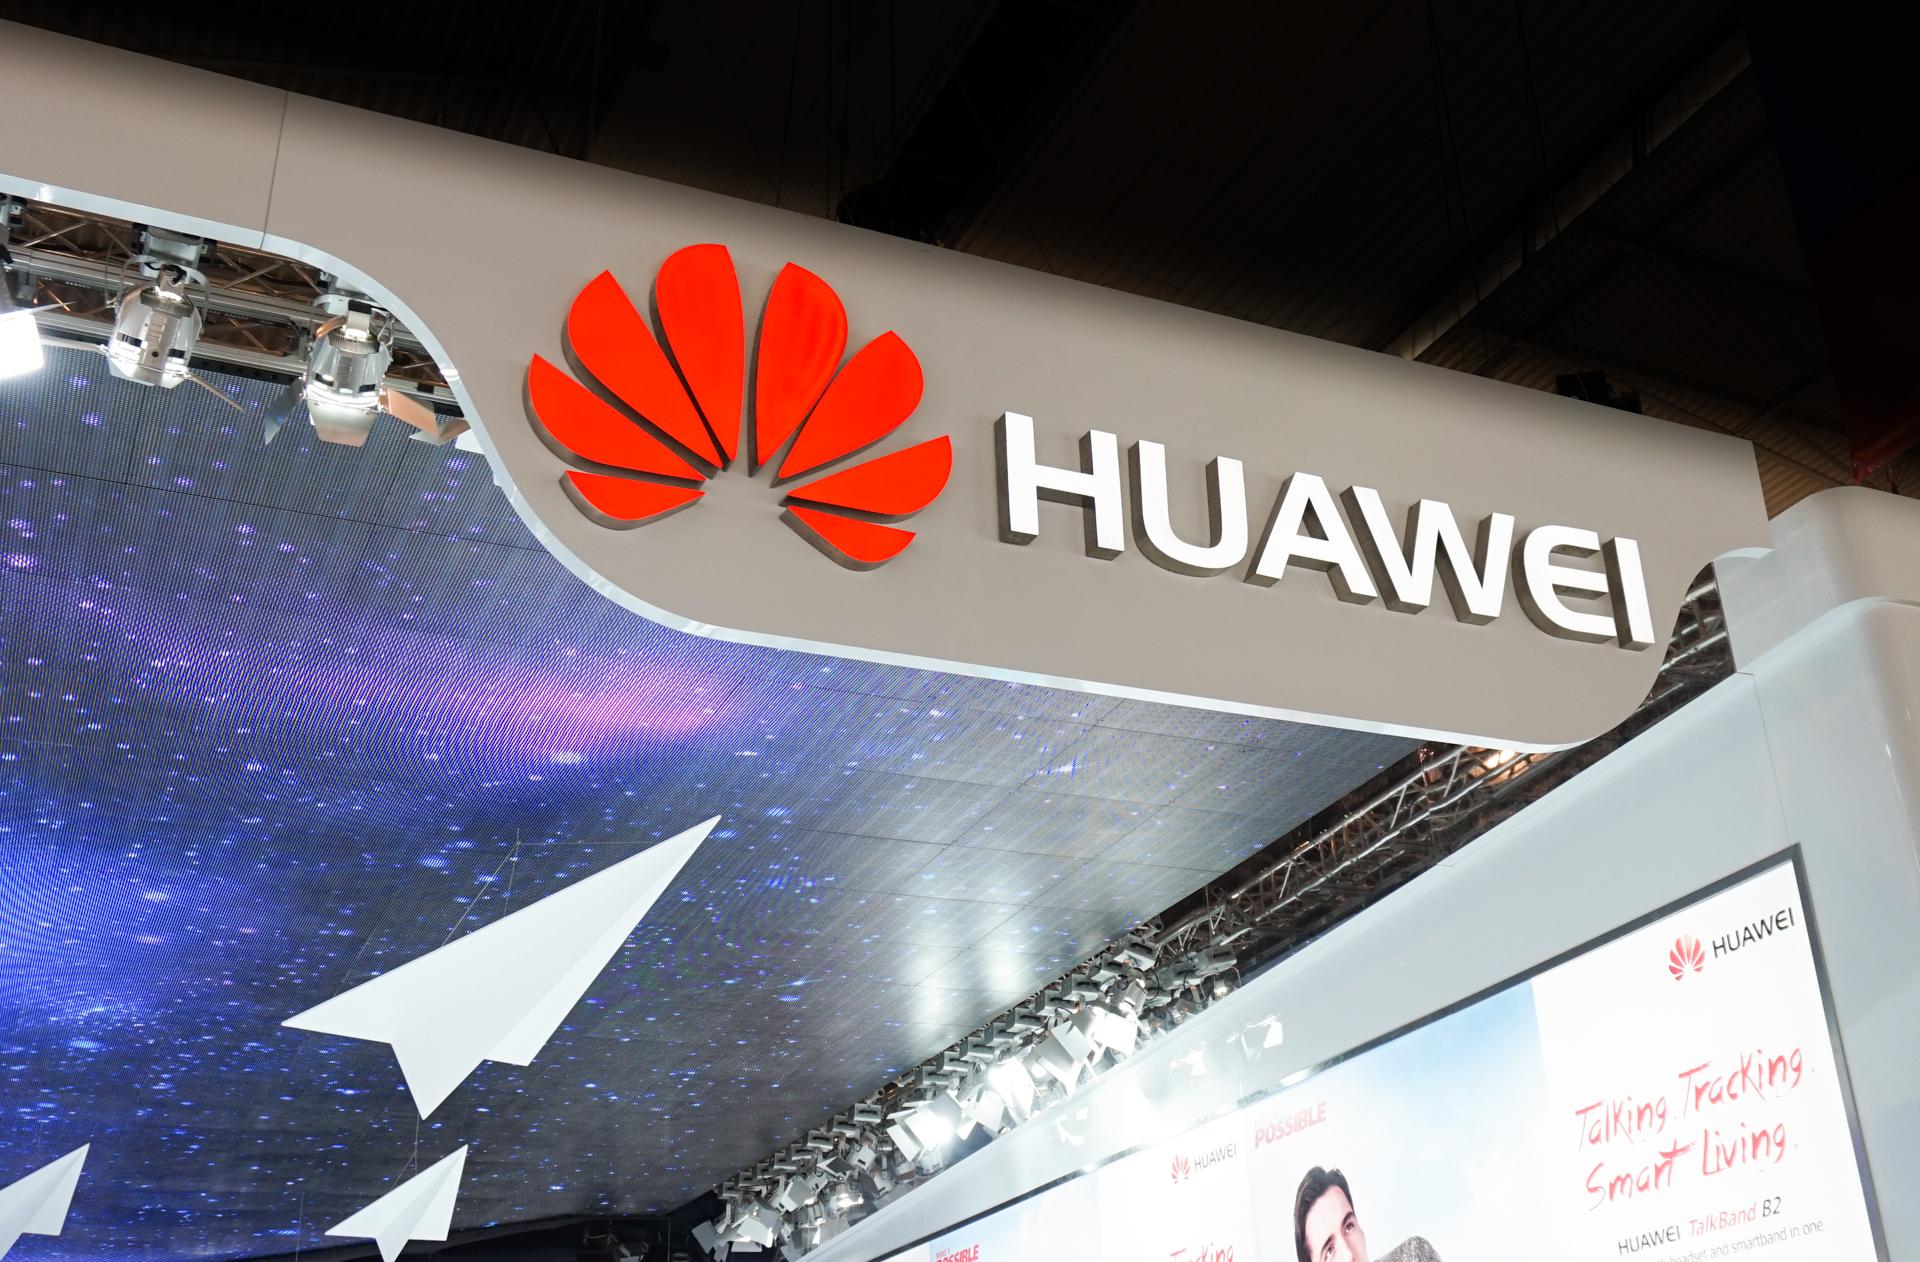 Kirin 930 : Huawei utilise en fait uniquement des Cortex-A53e